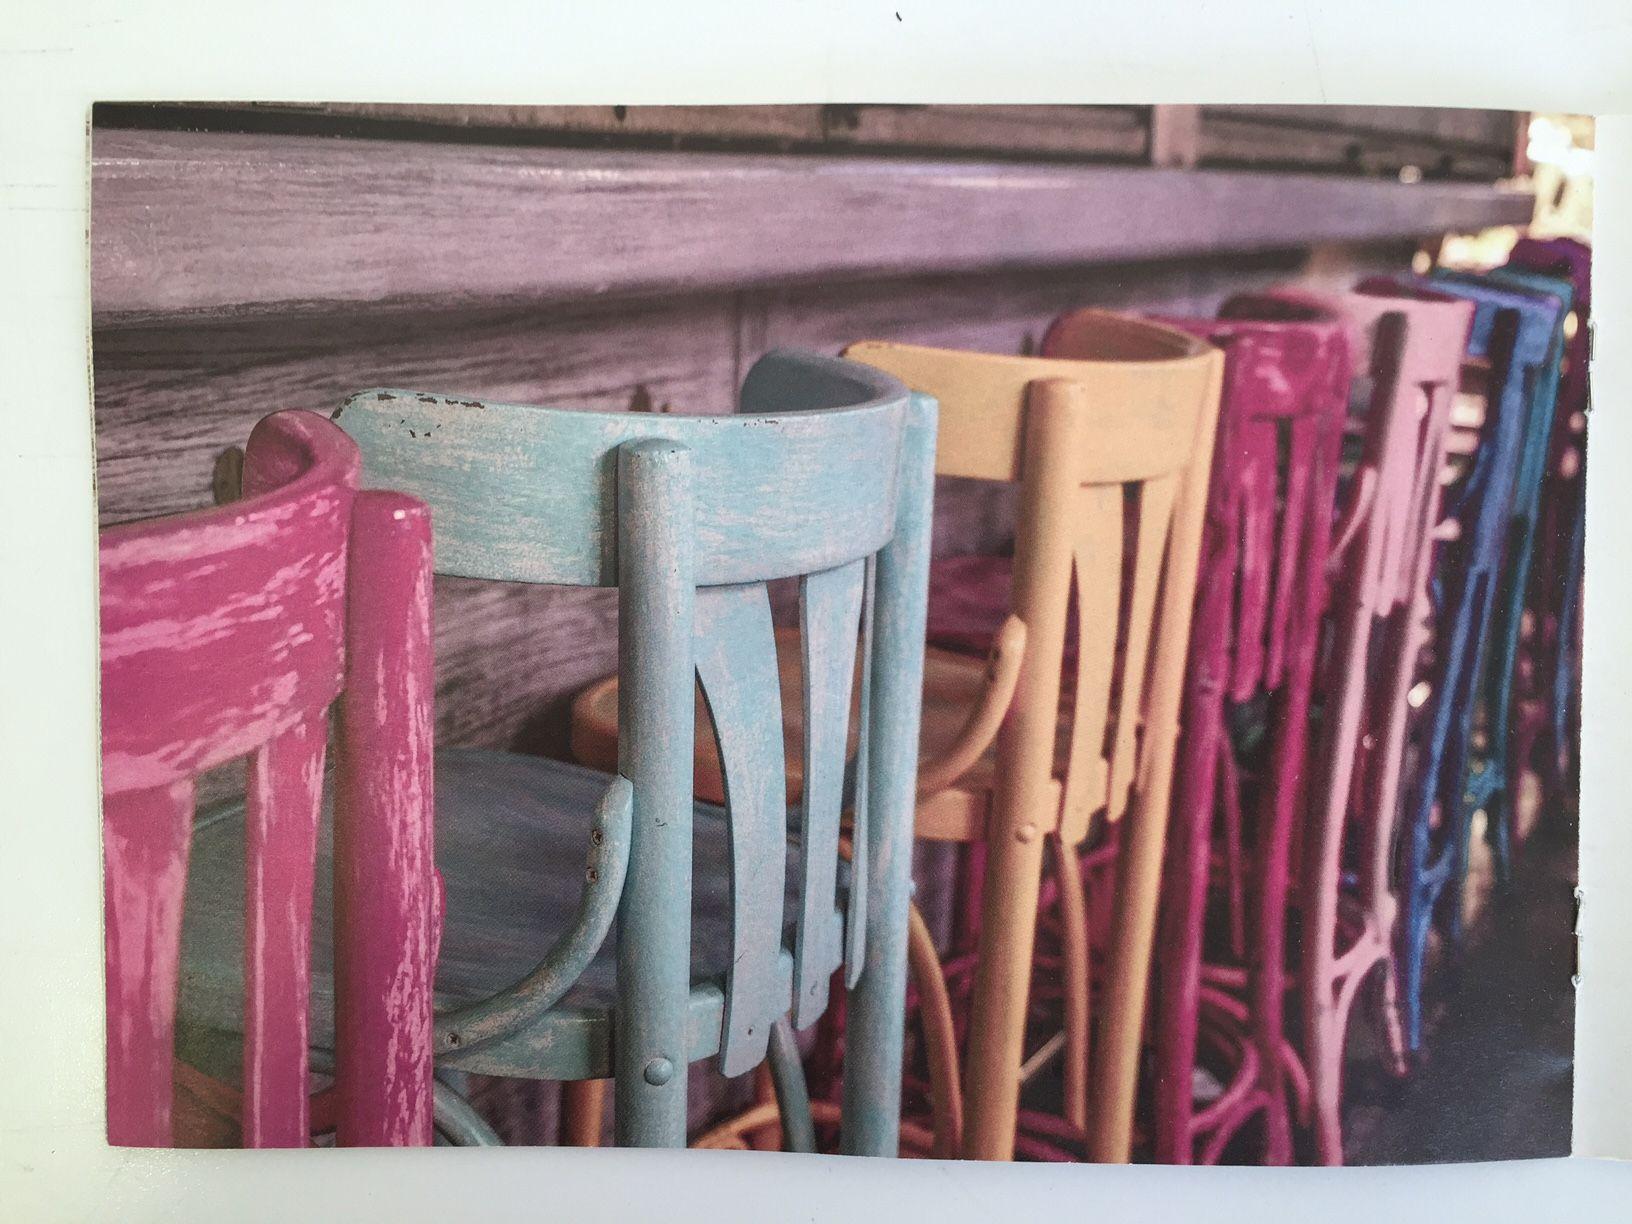 peinture effet craie pour la r novation de meubles en bois. Black Bedroom Furniture Sets. Home Design Ideas